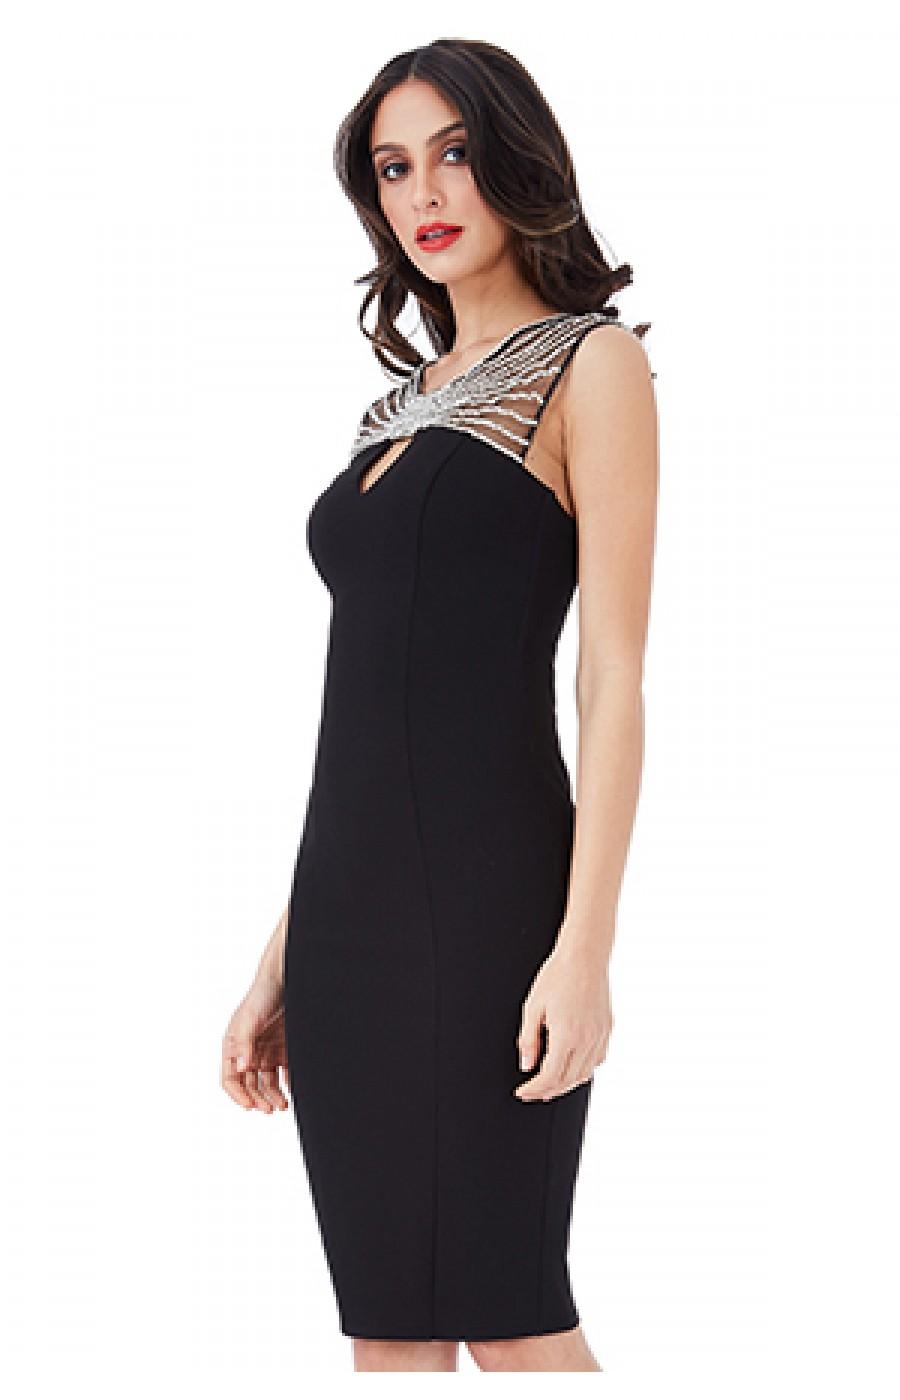 Μαυρο μίντι φόρεμα με στρας κεντημα στο λαιμο